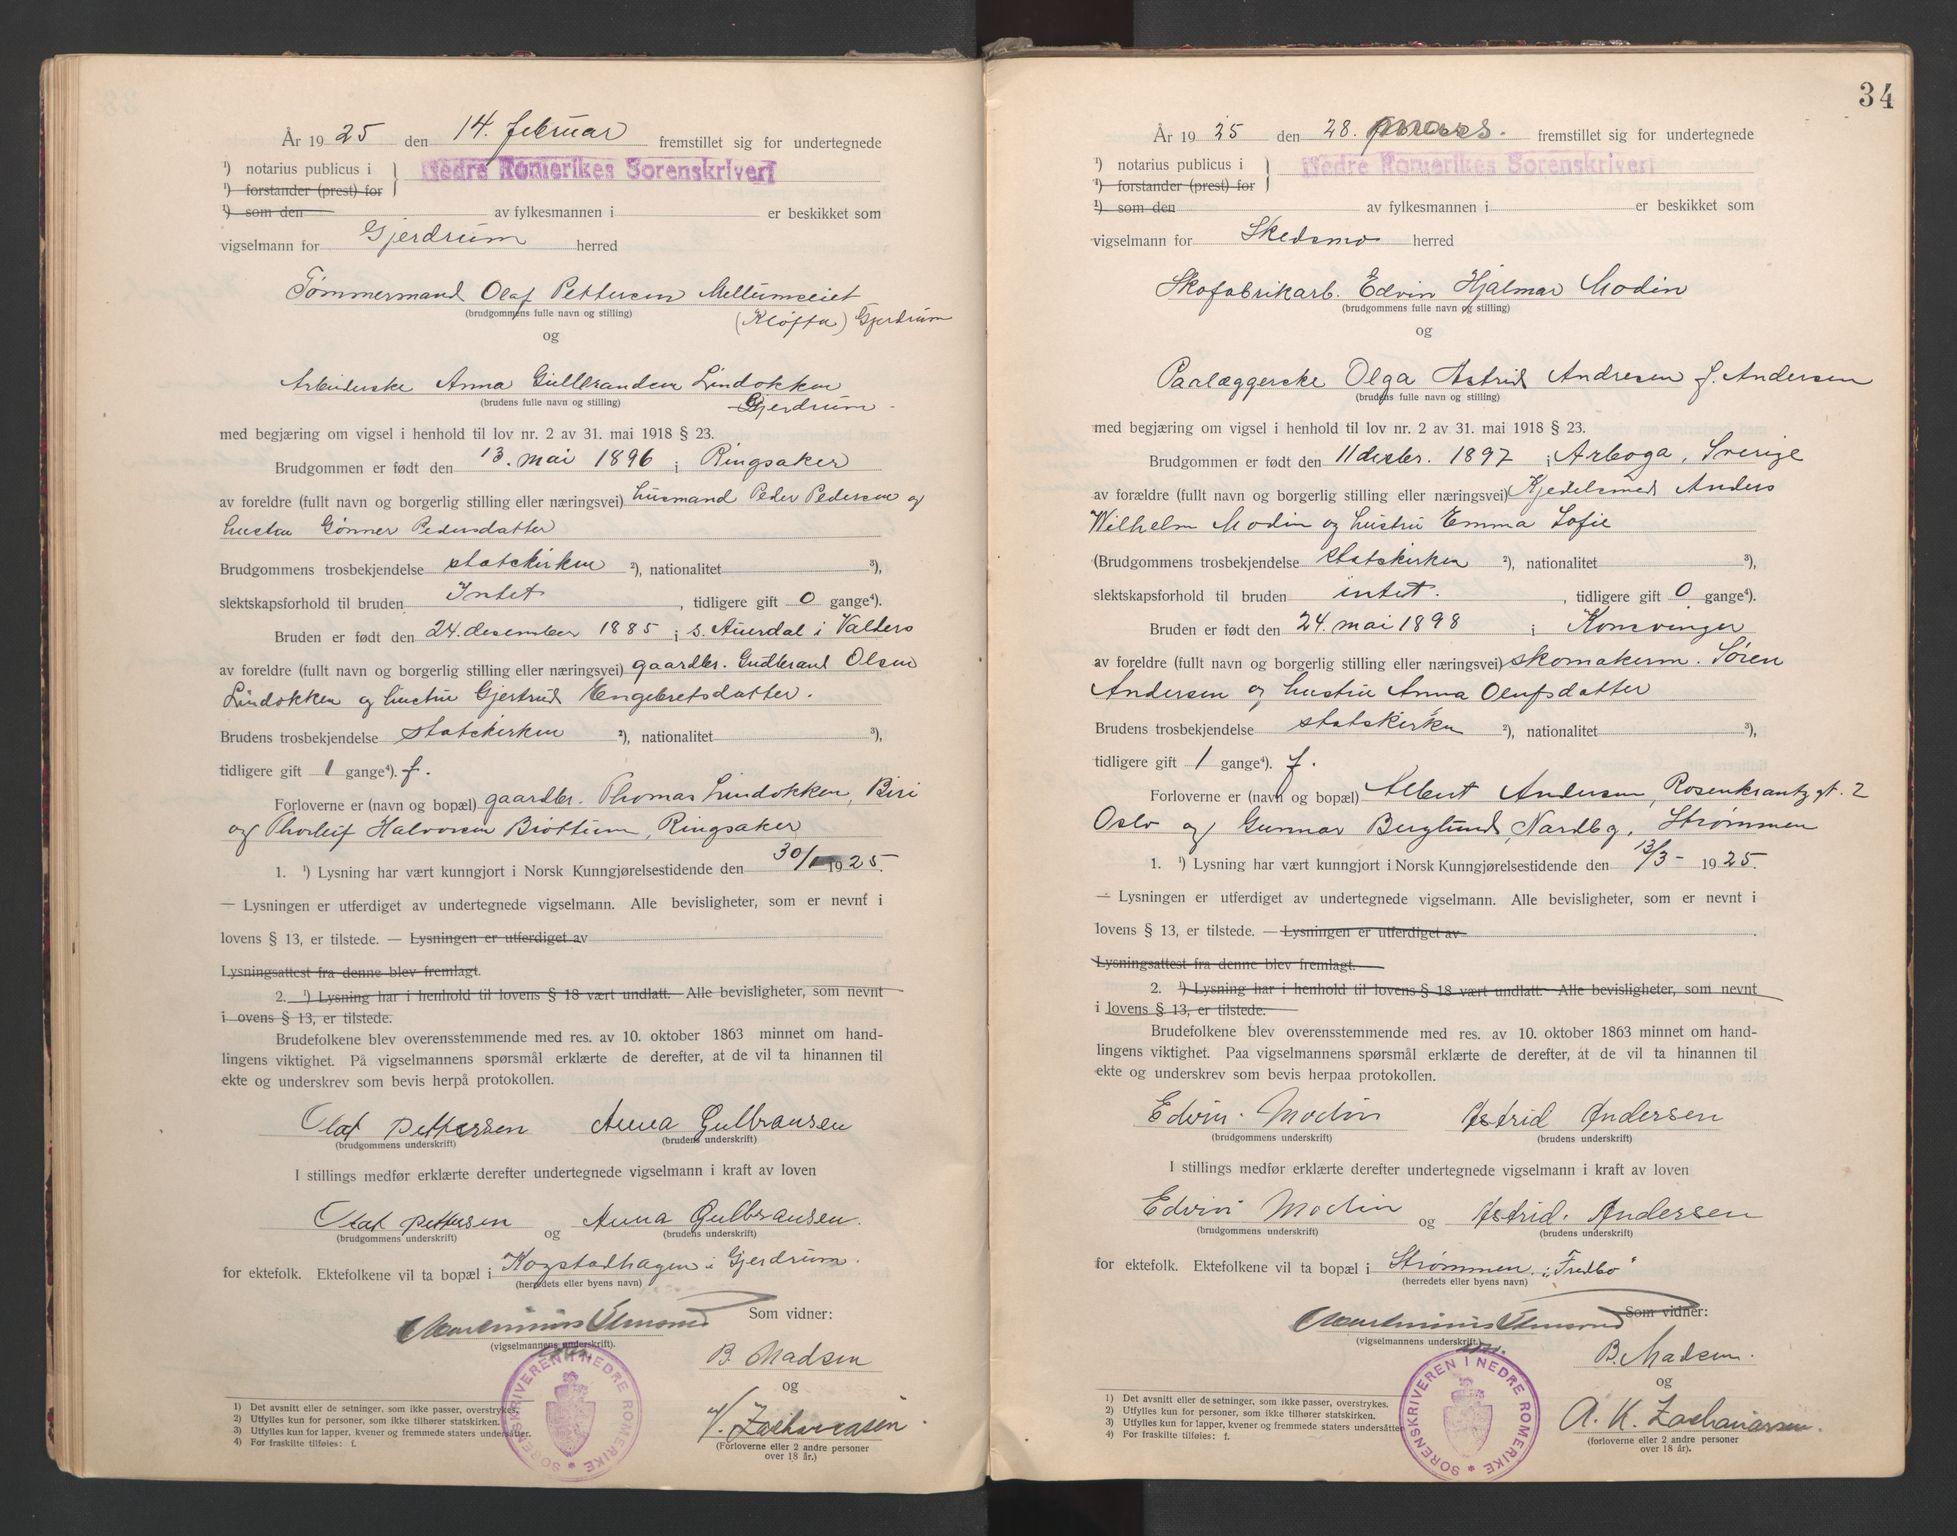 SAO, Nedre Romerike sorenskriveri, L/Lb/L0001: Vigselsbok - borgerlige vielser, 1920-1935, s. 34